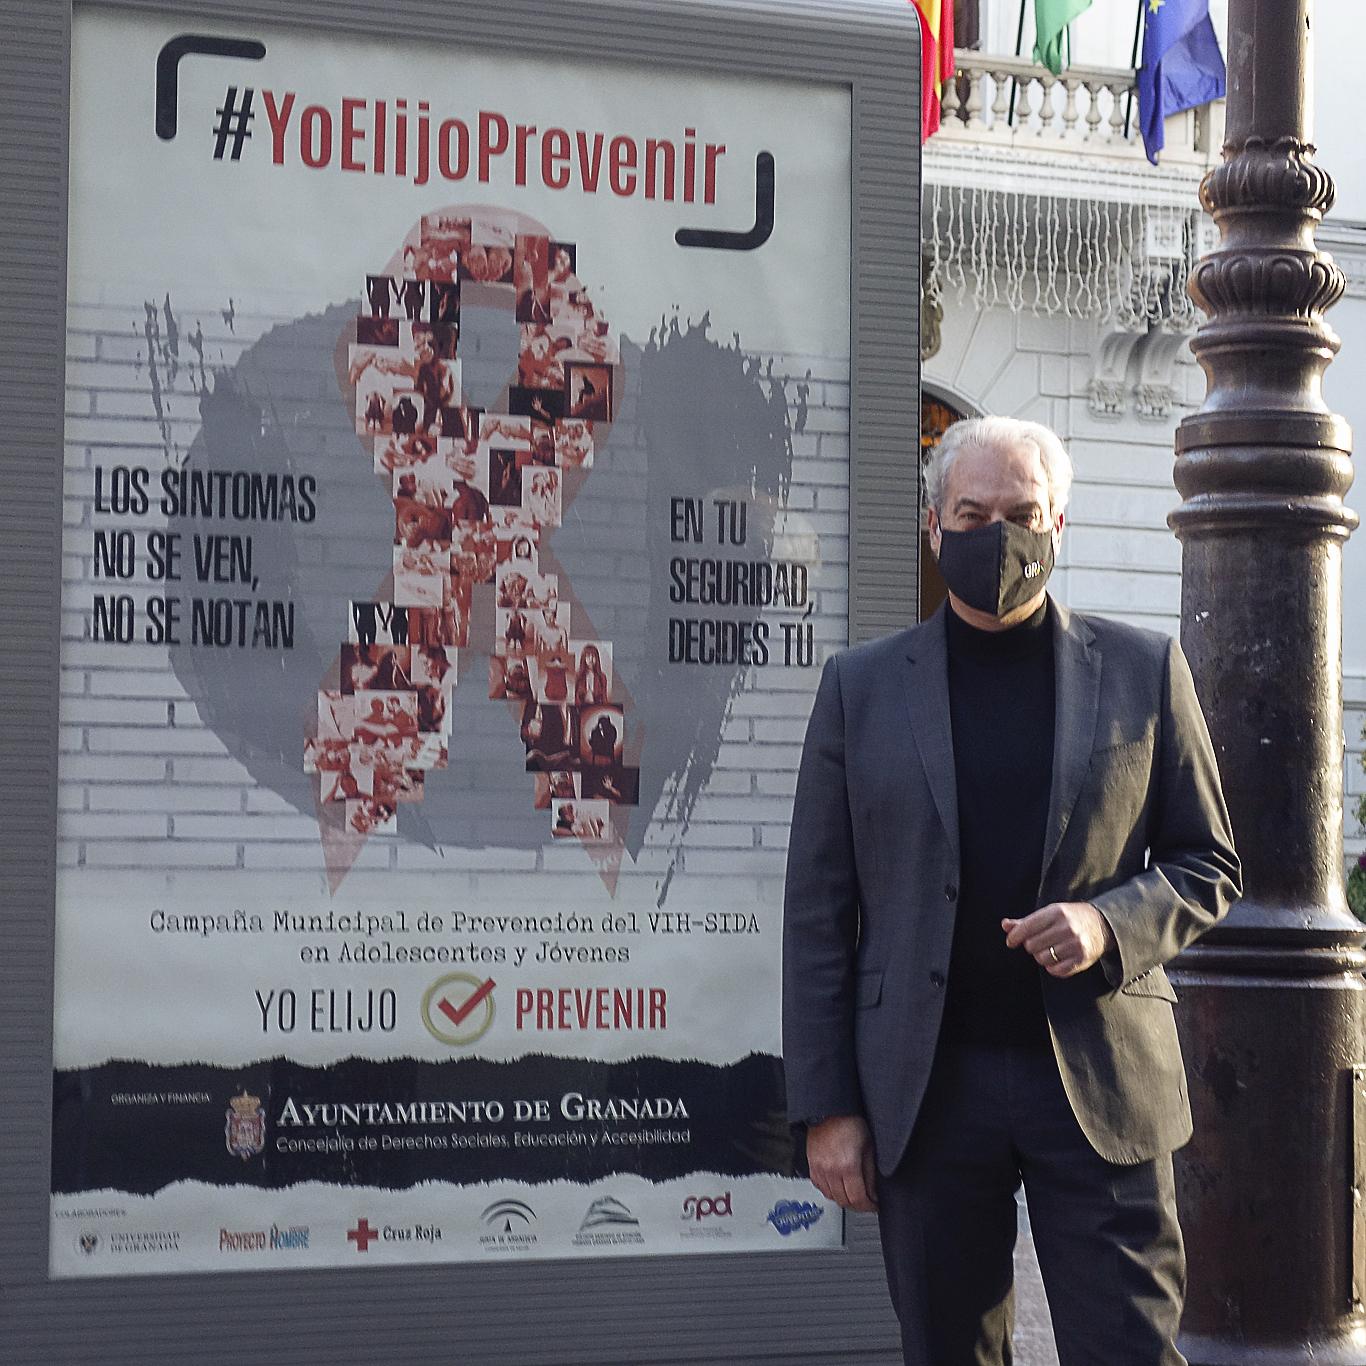 El Ayuntamiento apela a la prevención en la celebración del Día Mundial de la Lucha contra el Sida